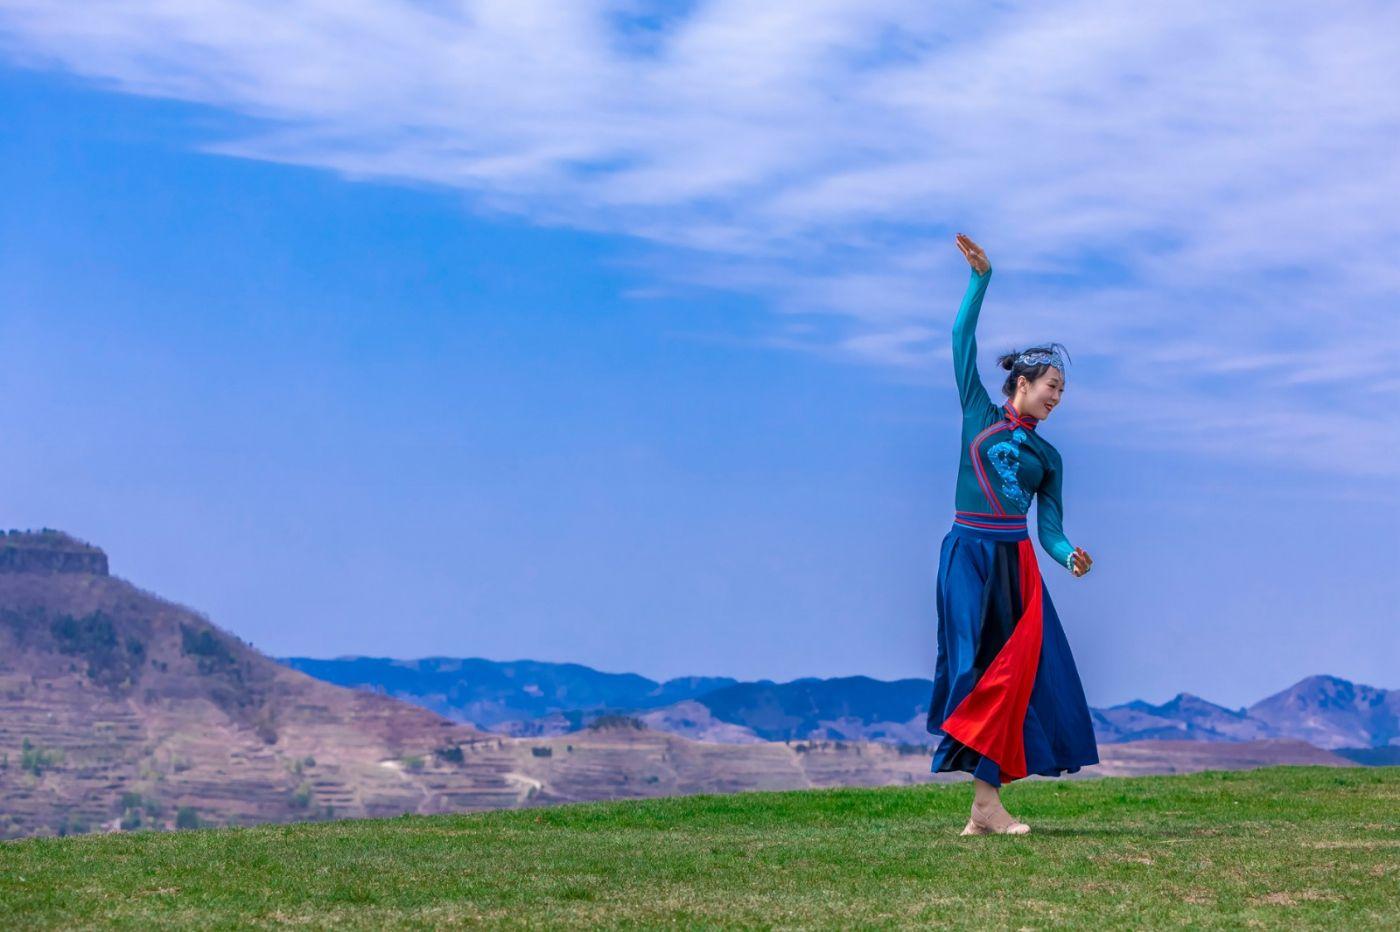 崮上草原有位女孩在翩翩起舞 她要和你邂逅在崮上花开的季节 ..._图1-16